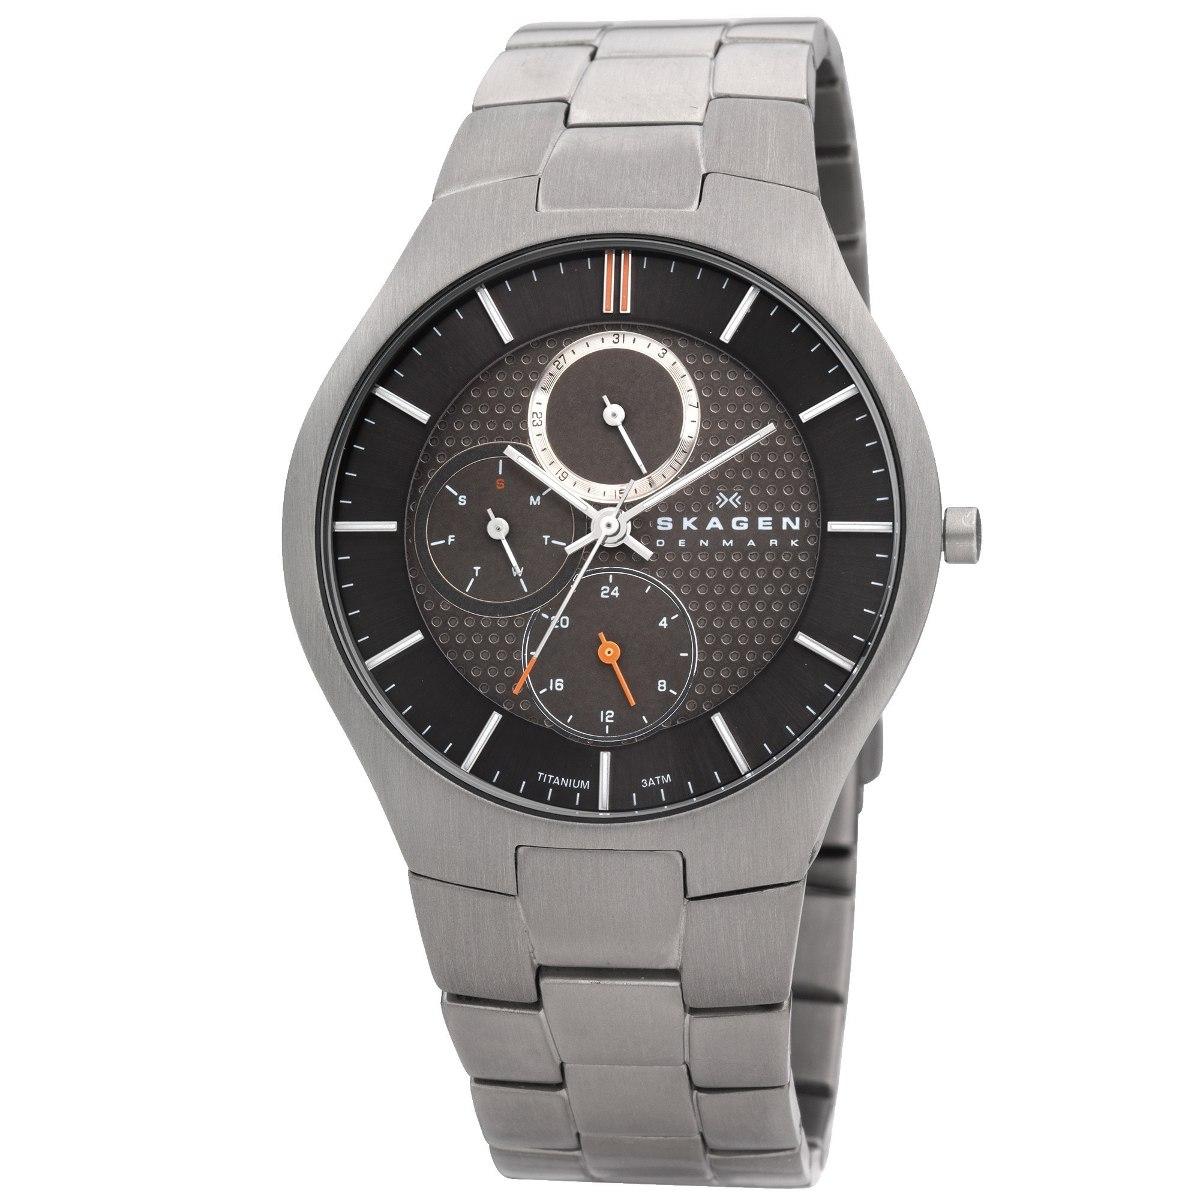 Relógio Skagen Super Titanium 806xltxm - Lançamento - R  1.399,00 em ... e2275c06f3